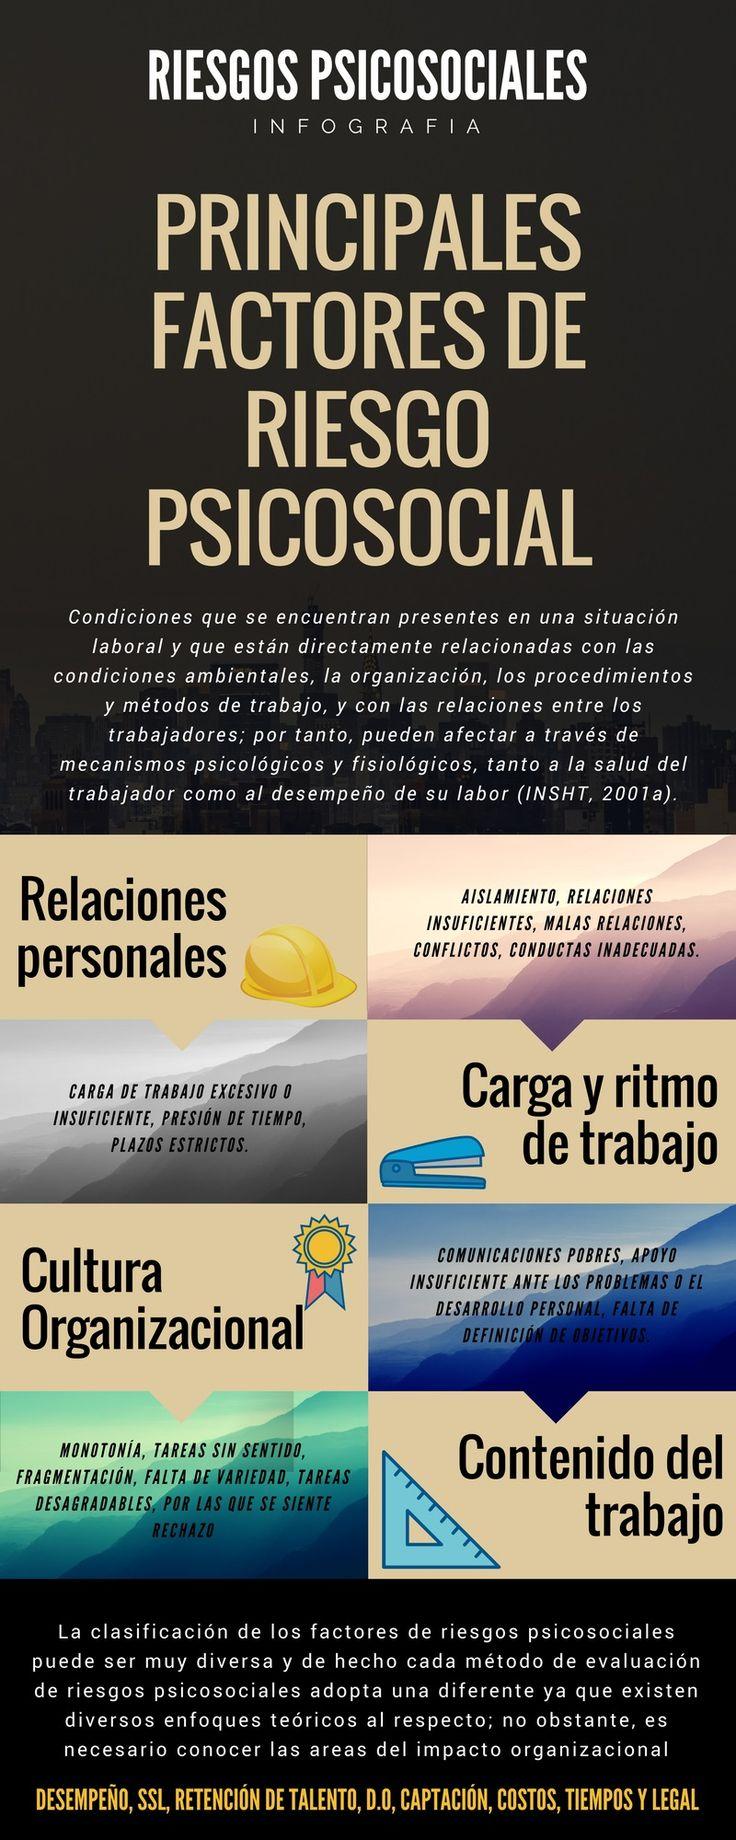 Factores de riesgos psicosocial que influyen en la organización – Psicología Ocupacional. #impulsoEvolutivo #psicología